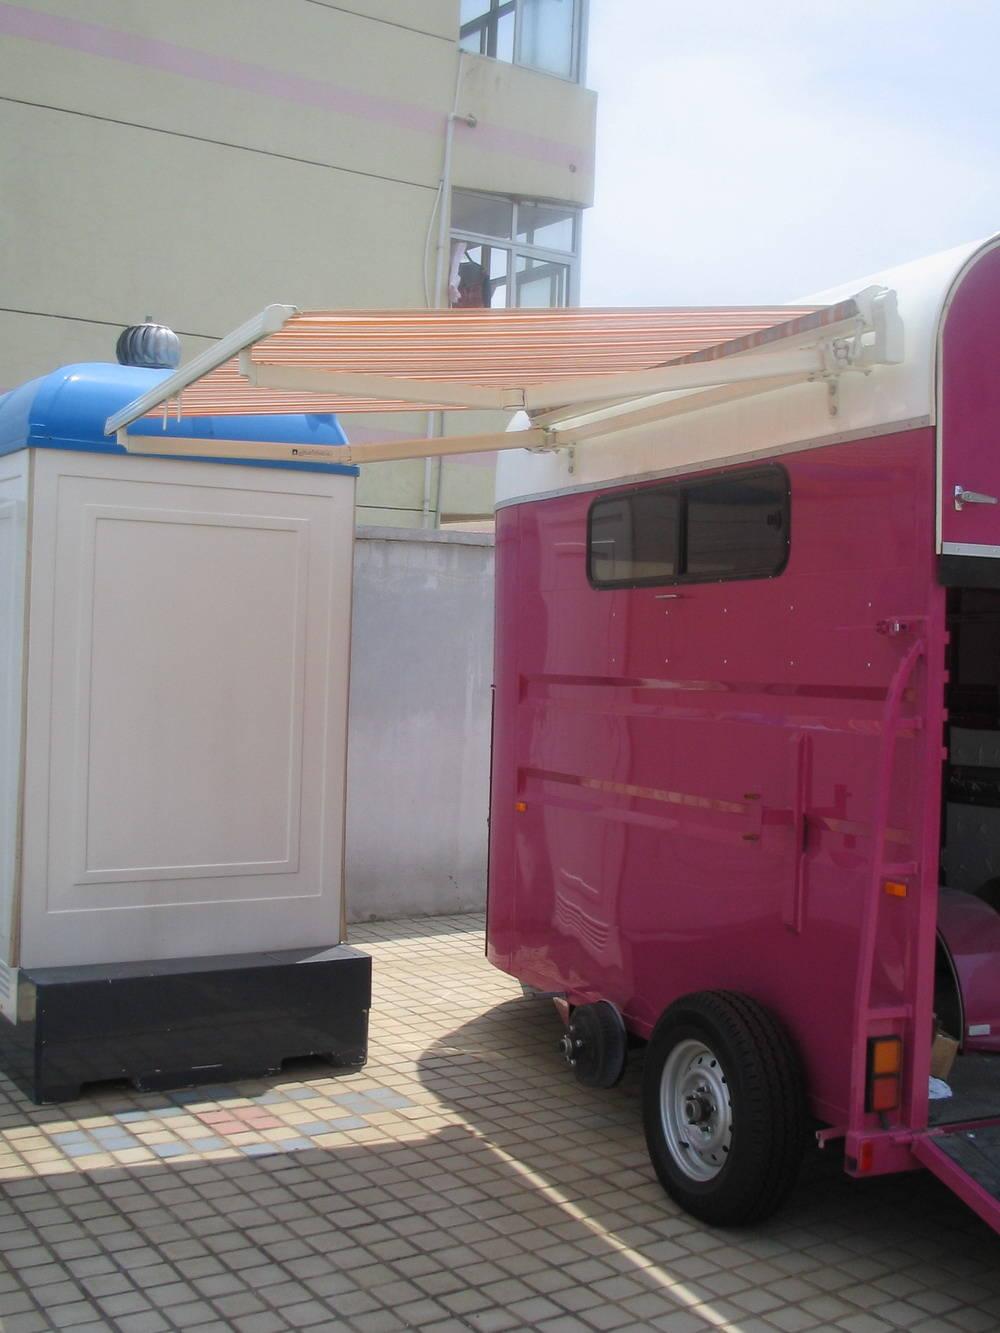 车载遮阳篷,汽车遮阳蓬,车载遮阳棚高清图片